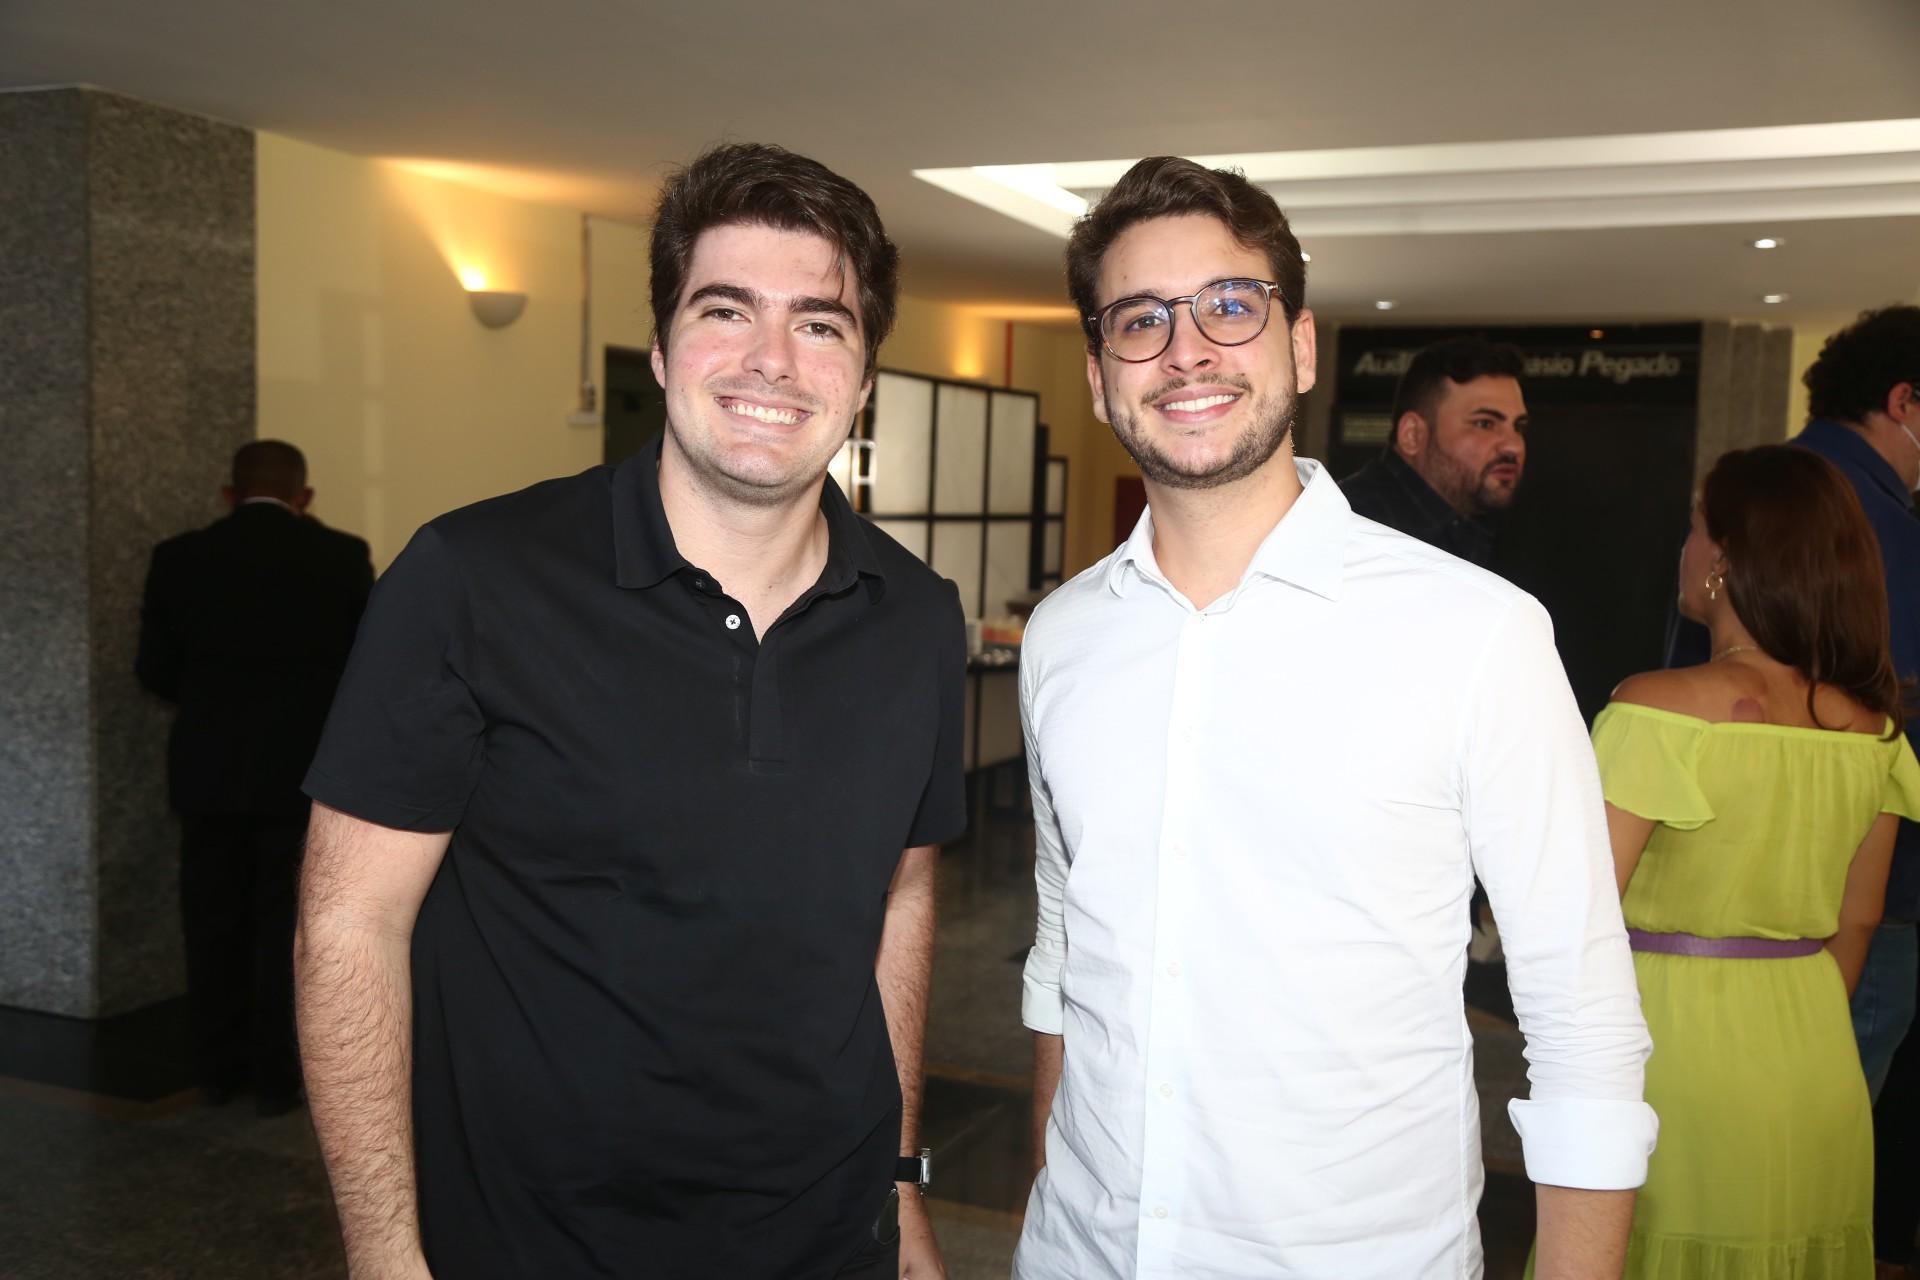 (Foto: Paulo Maximo/ Frisson/ Divulgação)Lucas Bonates e Felipe Carneiro